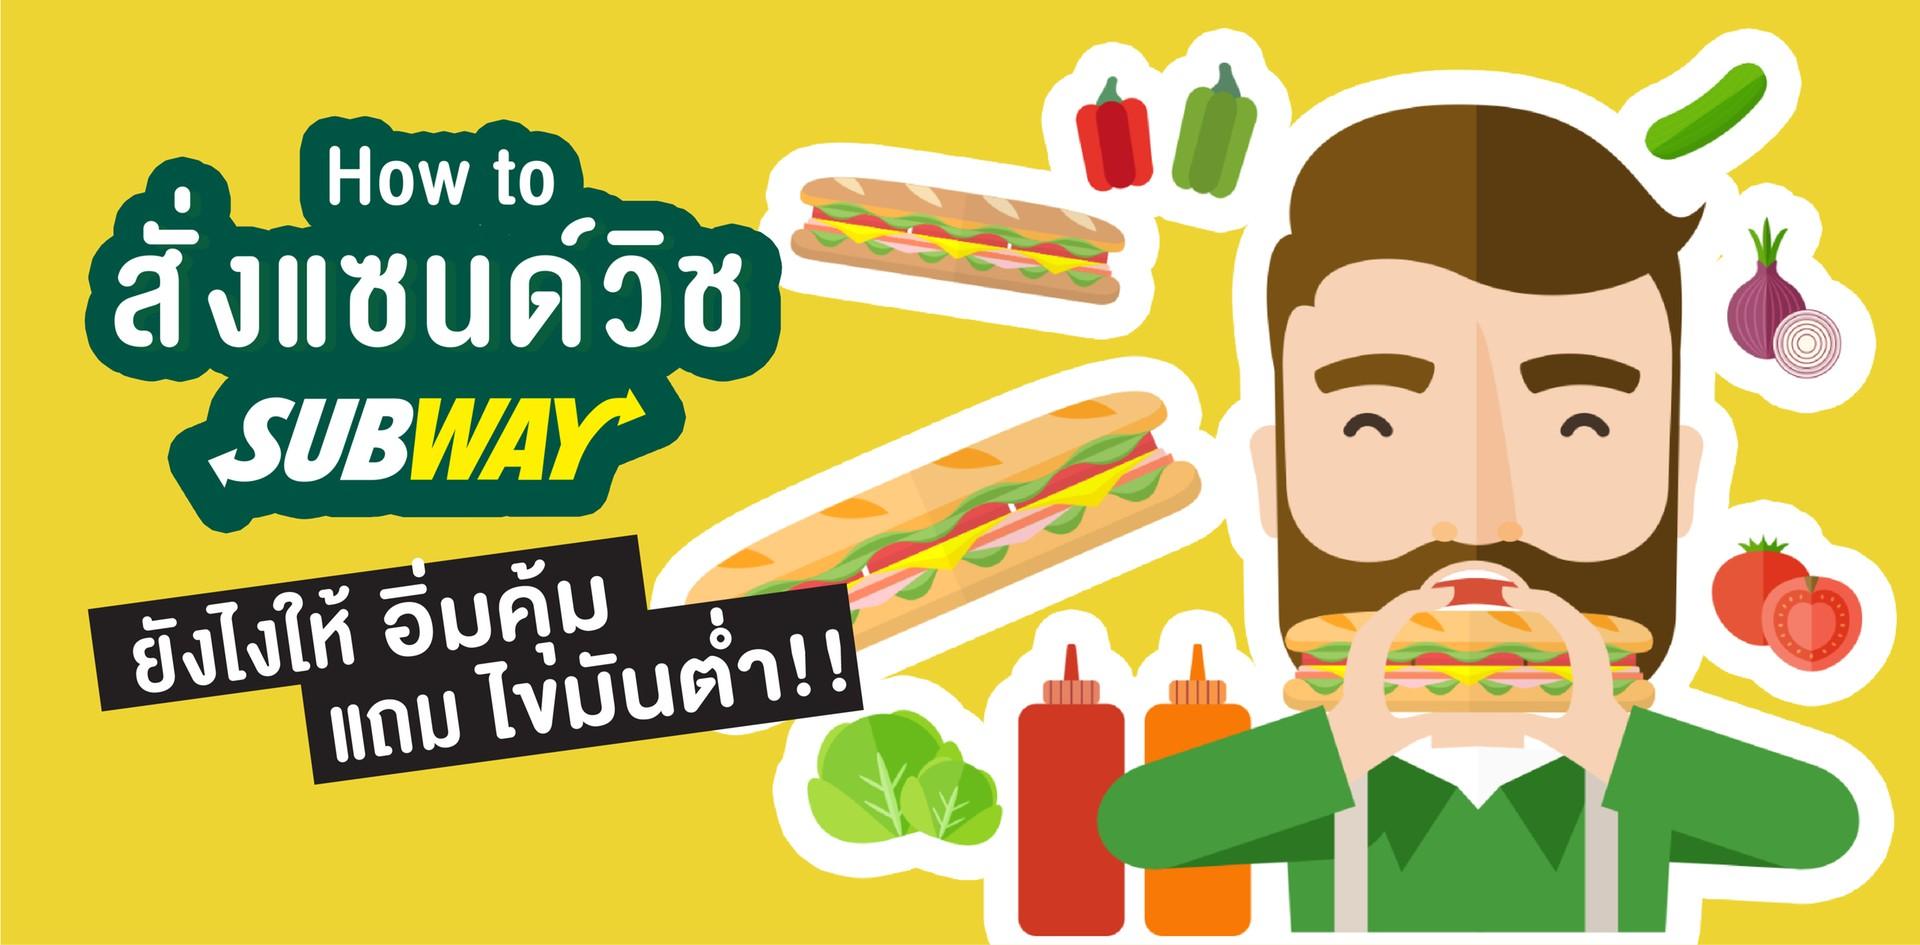 How-to สั่งแซนด์วิช Subway® ยังไงให้อิ่มคุ้มแถมไขมันต่ำ